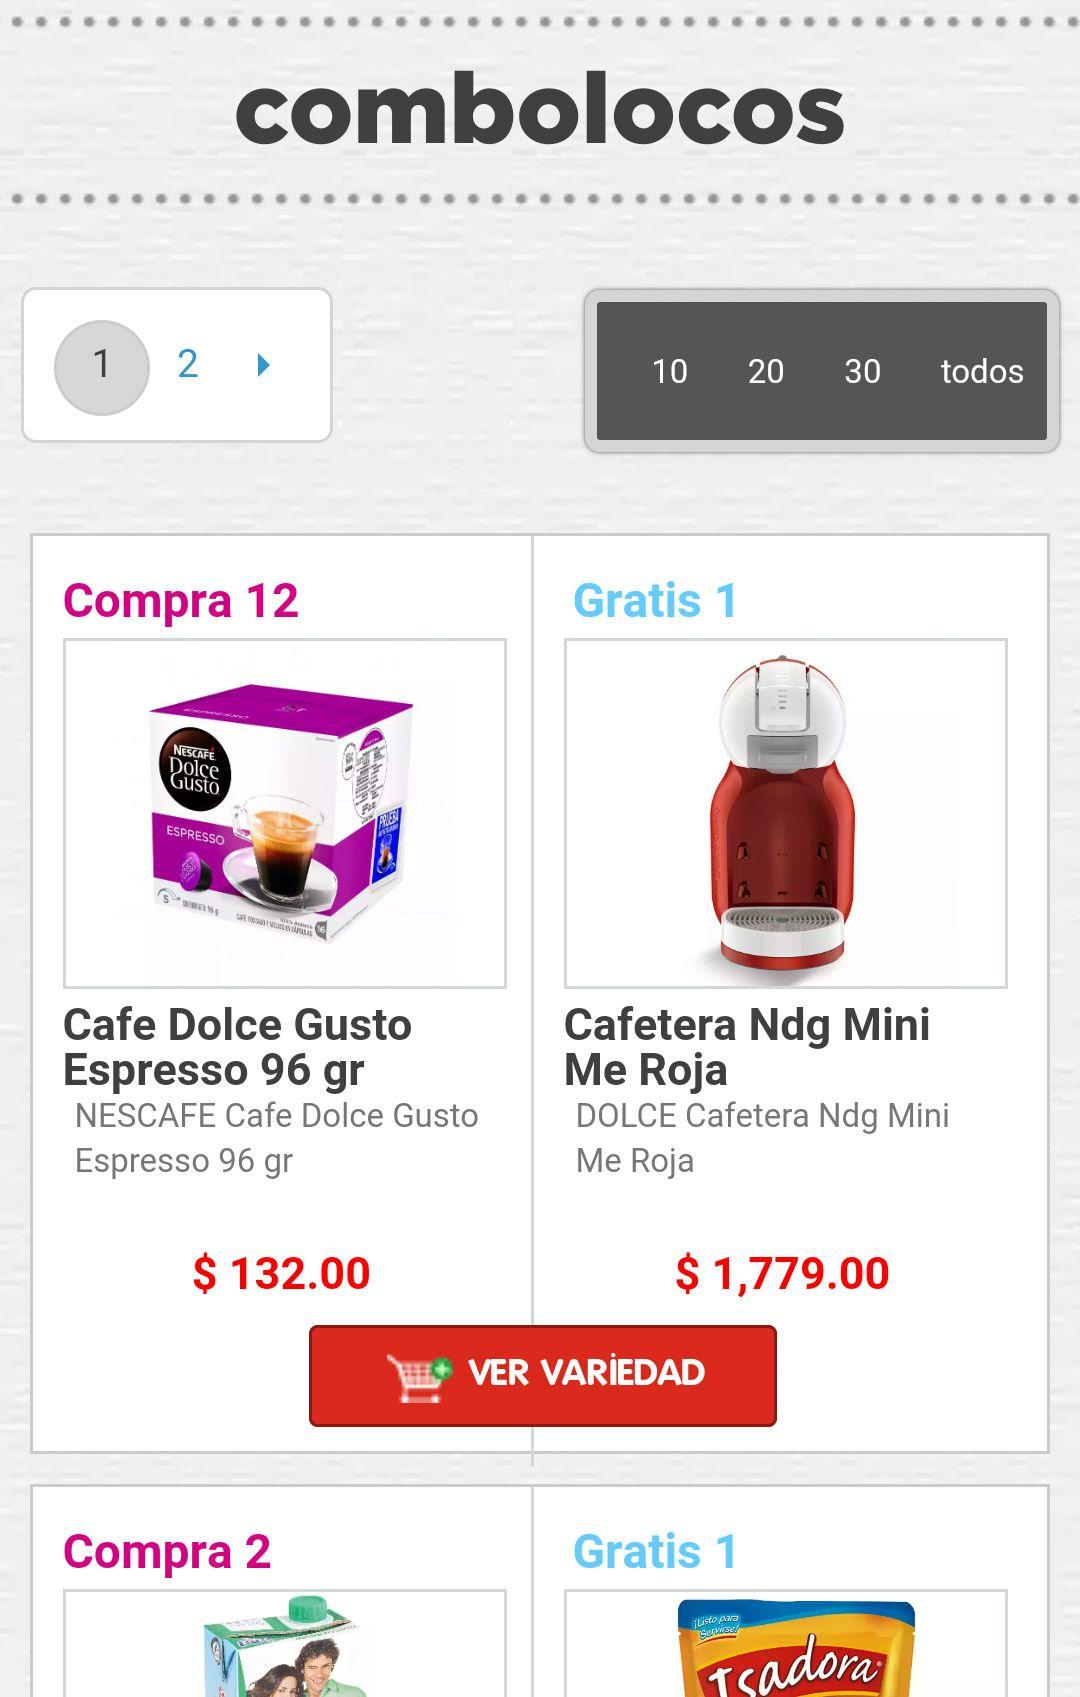 HEB: Combolocos HEB, varios combos con productos gratis